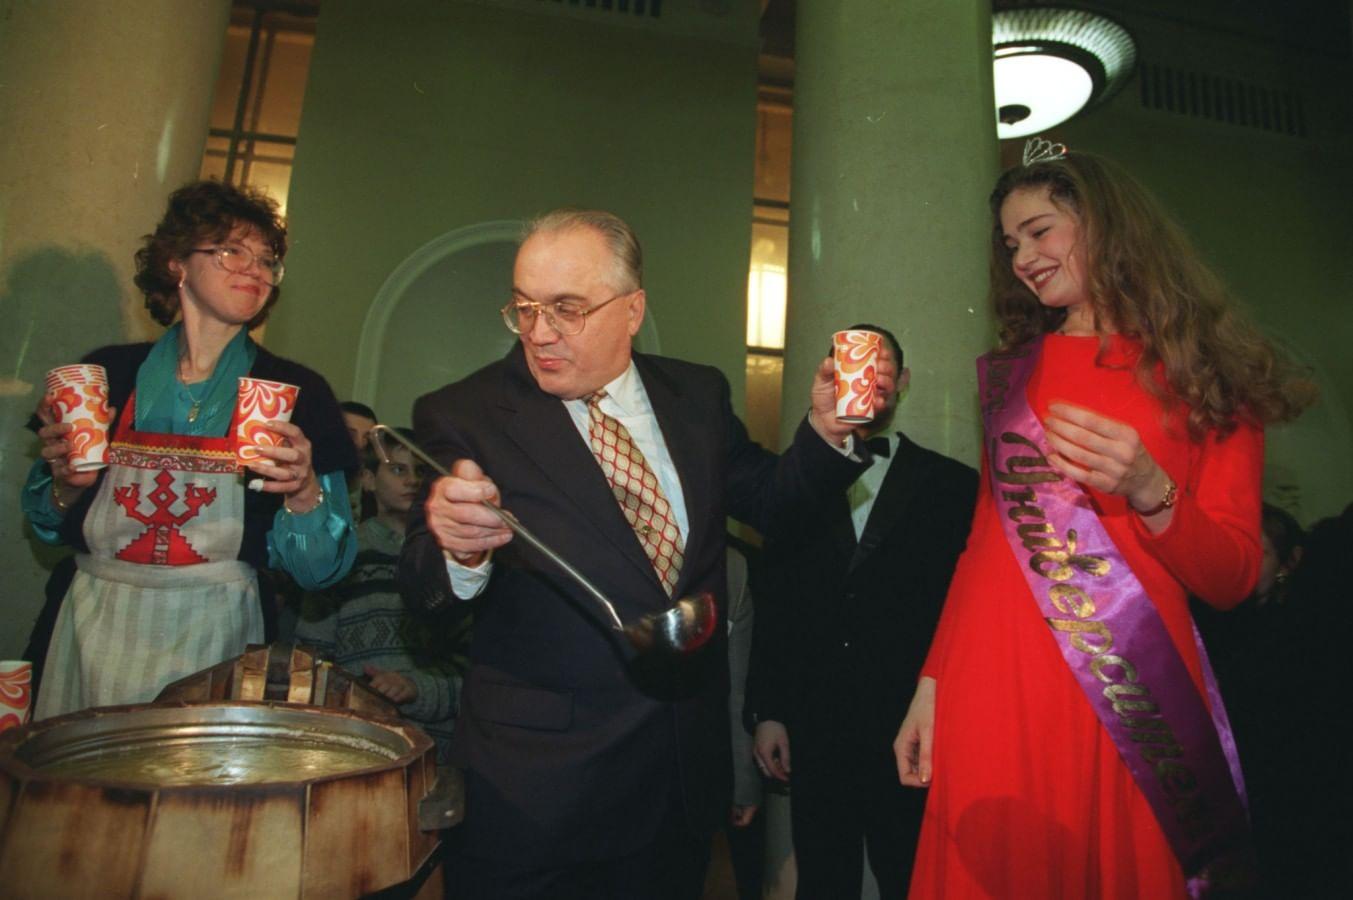 По традиции в Татьянин день ректор угощает студентов медовухой.